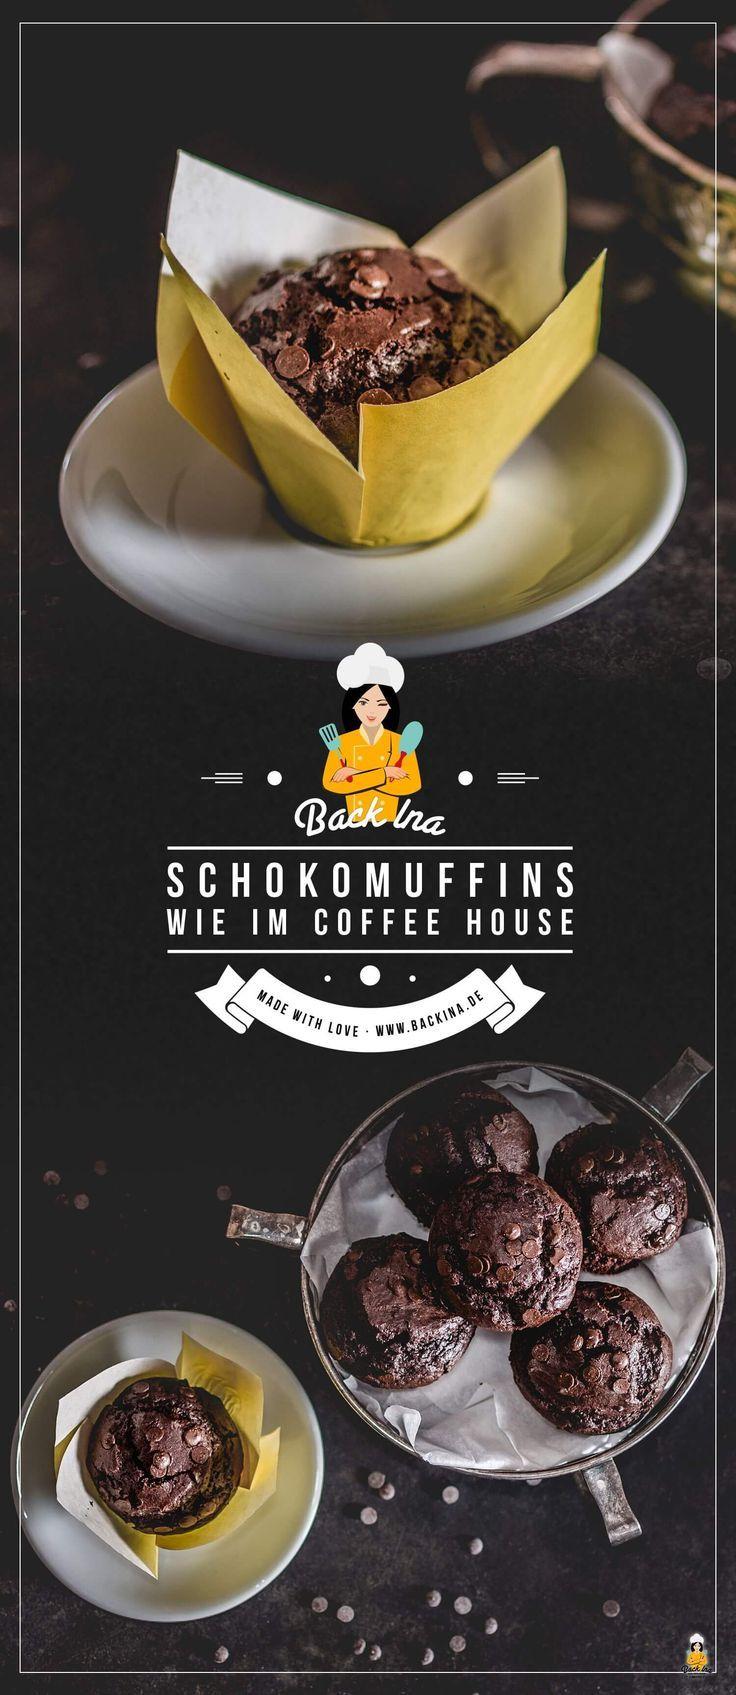 XXL Schoko Muffins wie bei McDonald's selber machen | BackIna.de